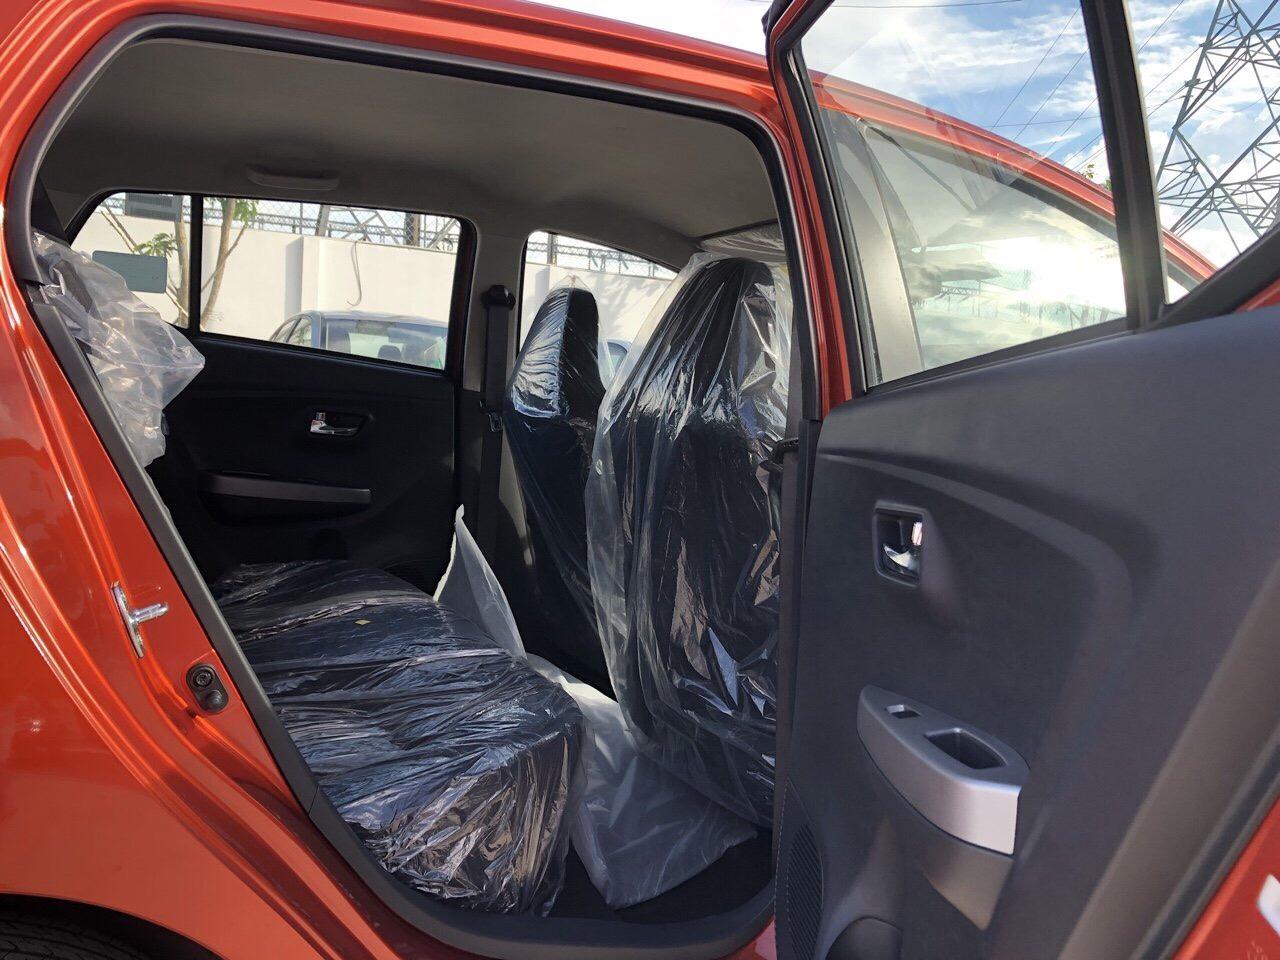 Toyota Wigo ảnh 5 - Toyota Wigo: giá xe và khuyến mãi tháng [hienthithang]/[hienthinam]